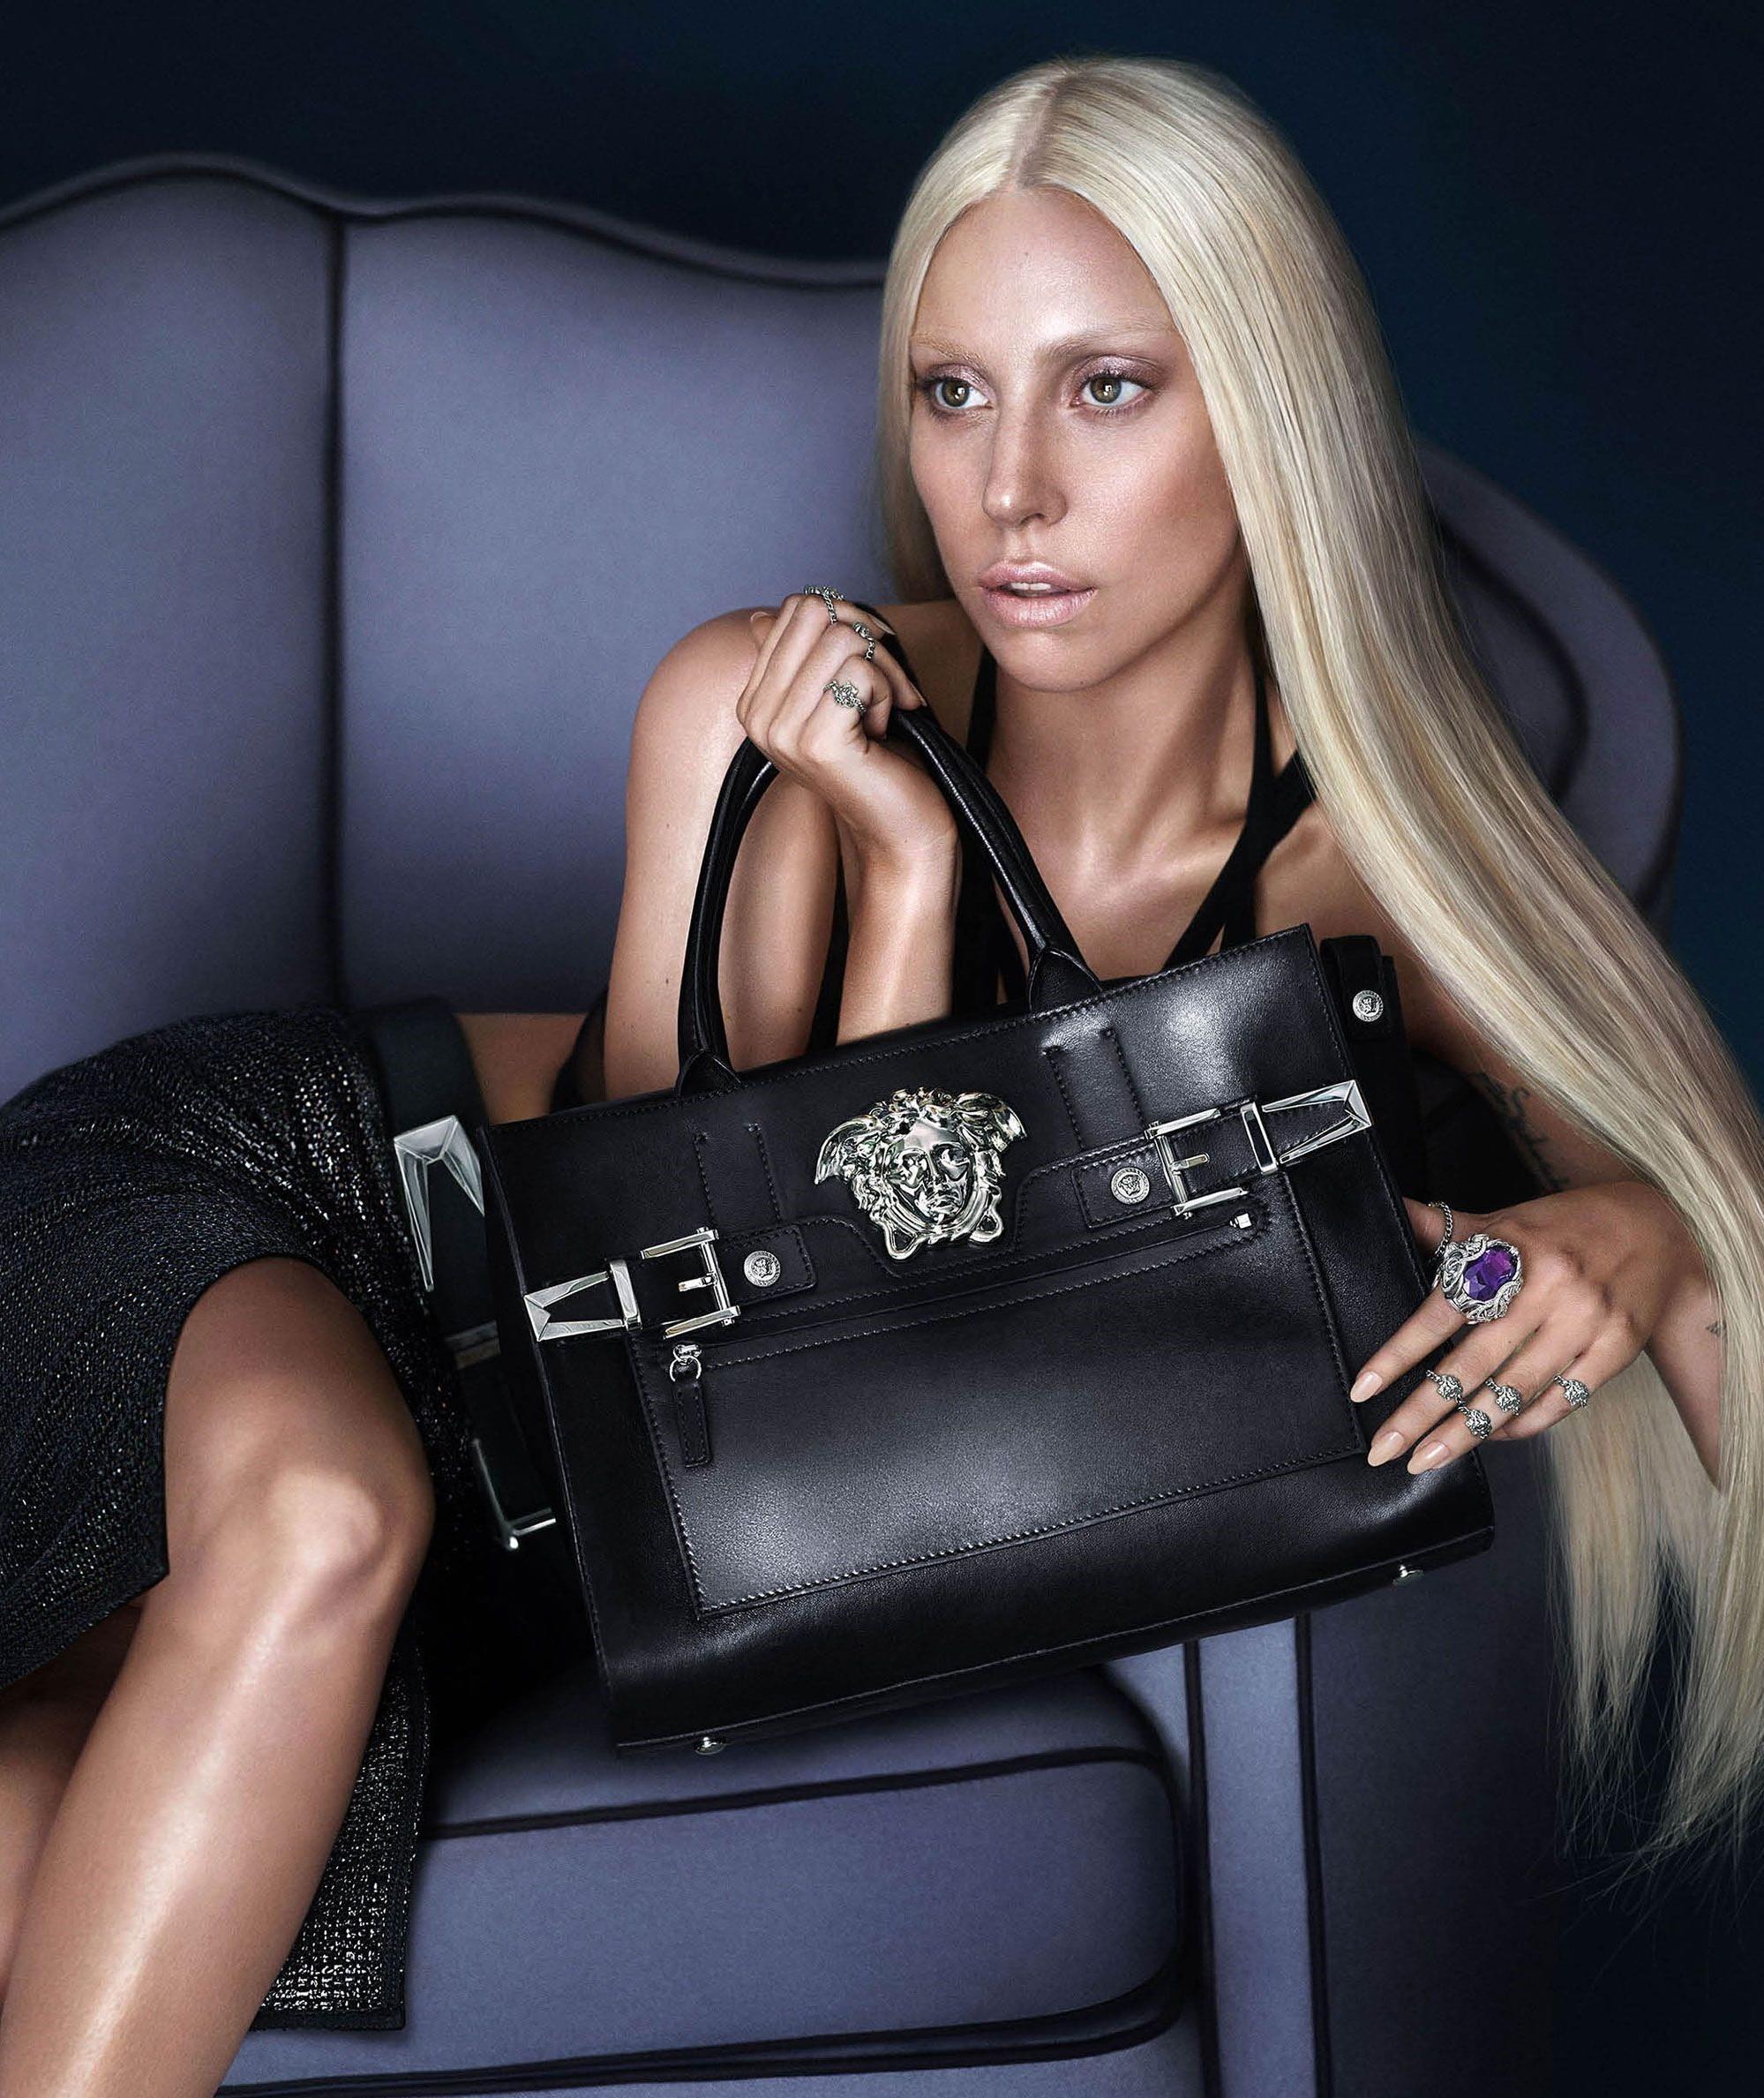 Phong cach thoi trang Lady Gaga anh 10